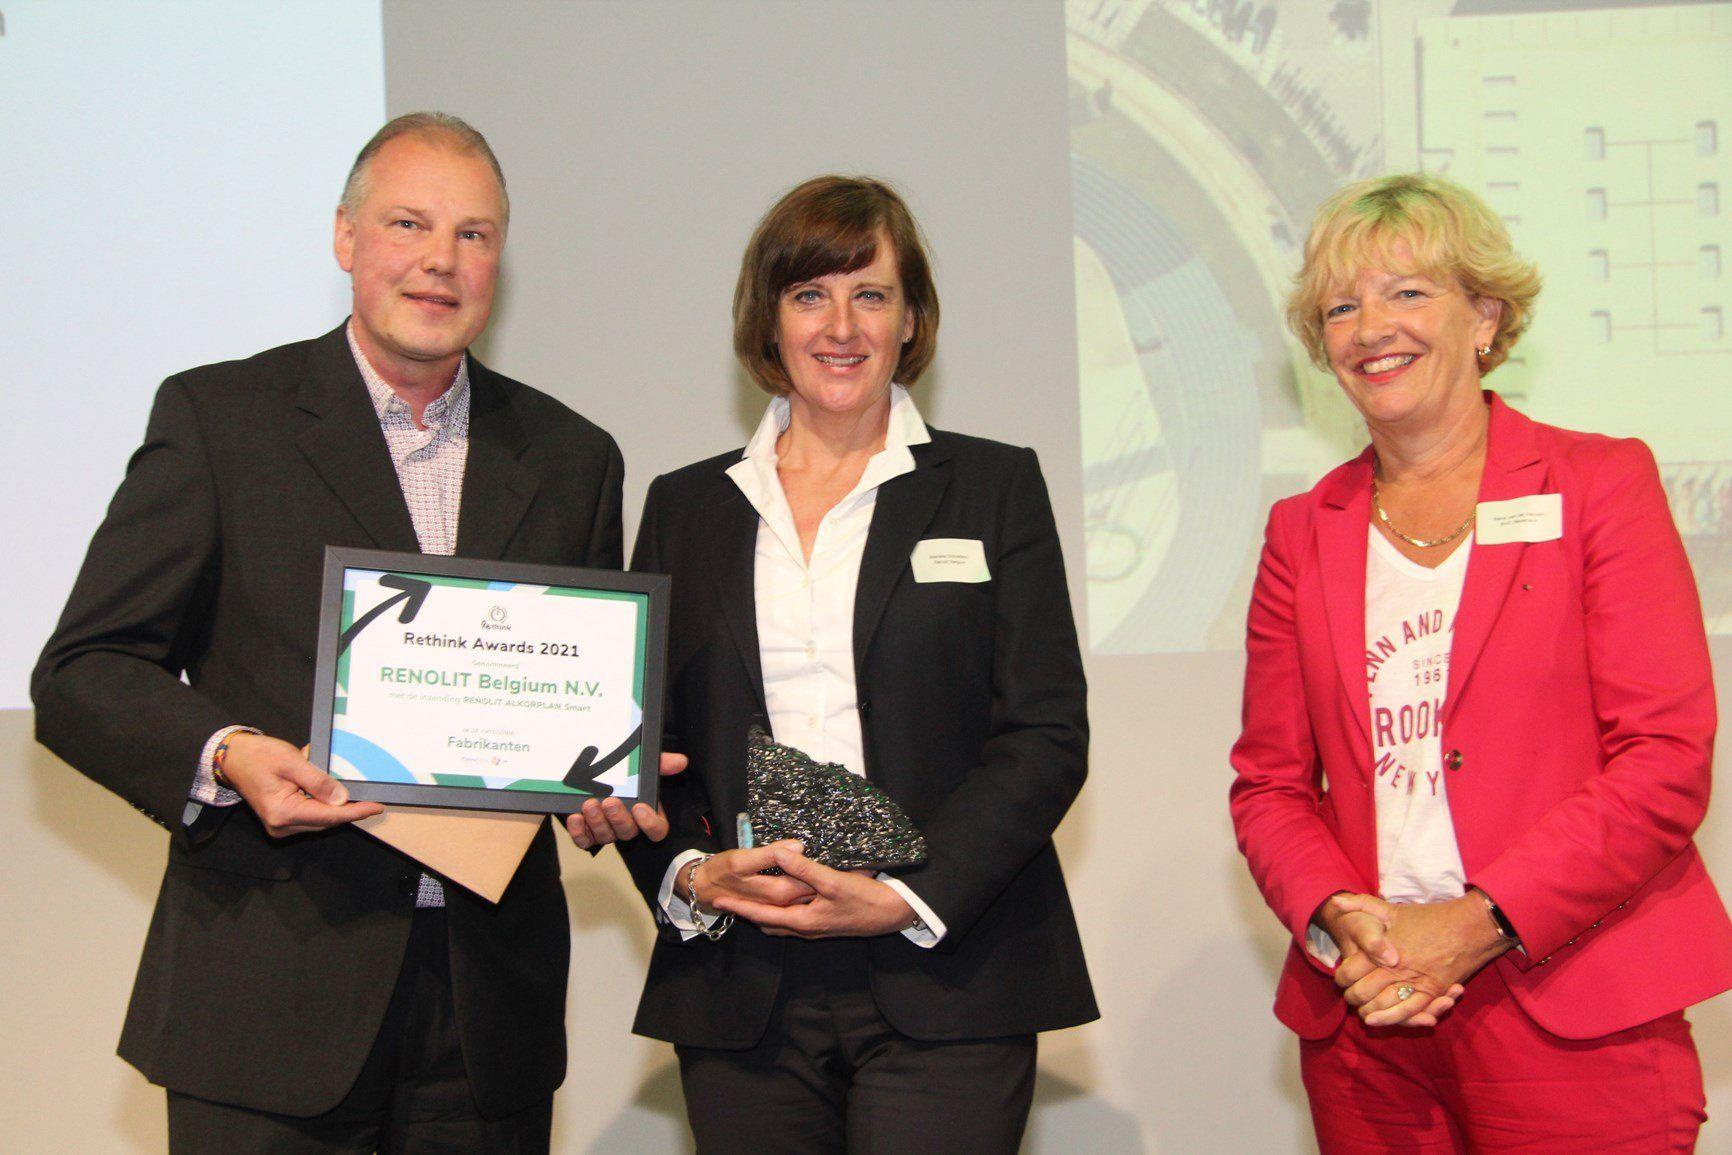 Rethink Awards 2021: Renolit vince con il prodotto Renolit Alkorplan Smart